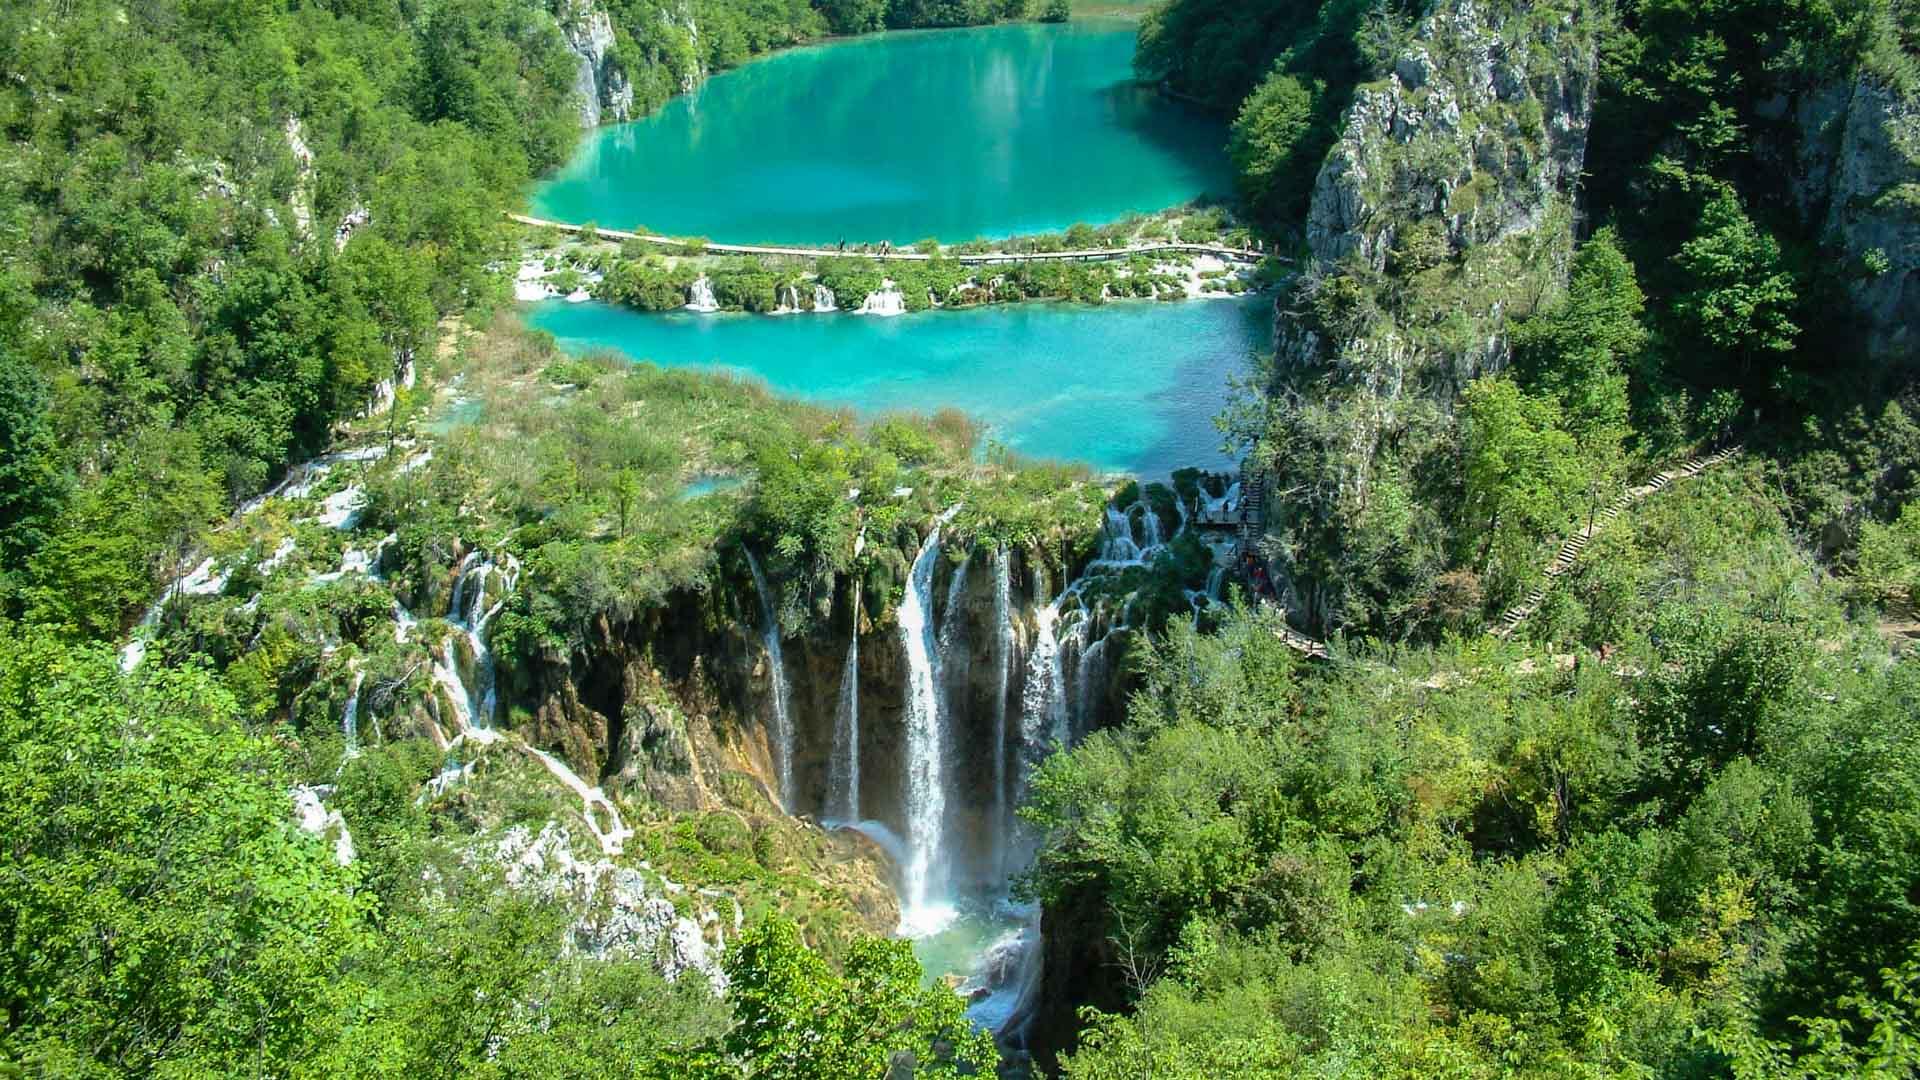 Excursiones a los lagos y cascadas del parque de Plitvice